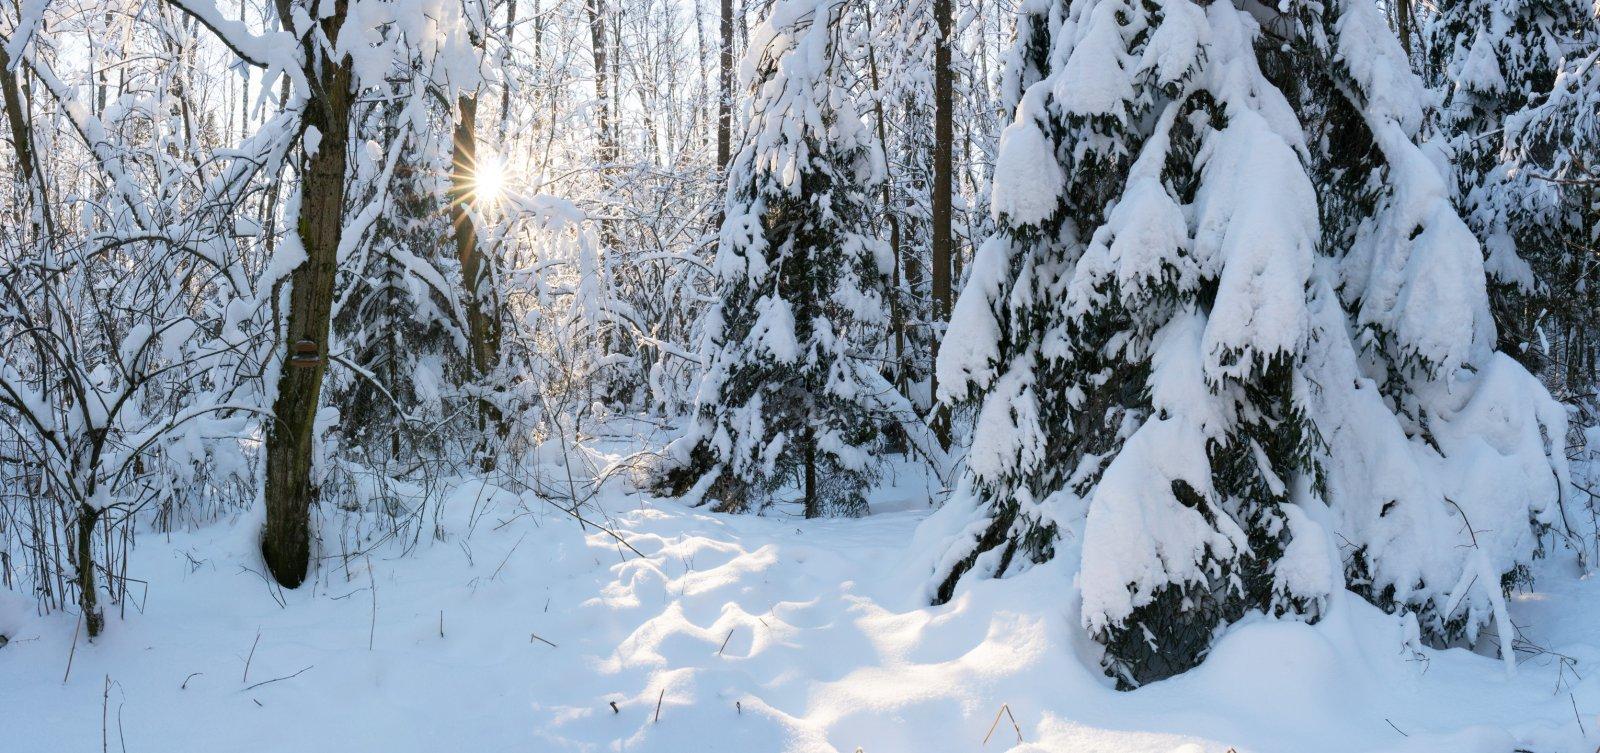 Укрытые снегом